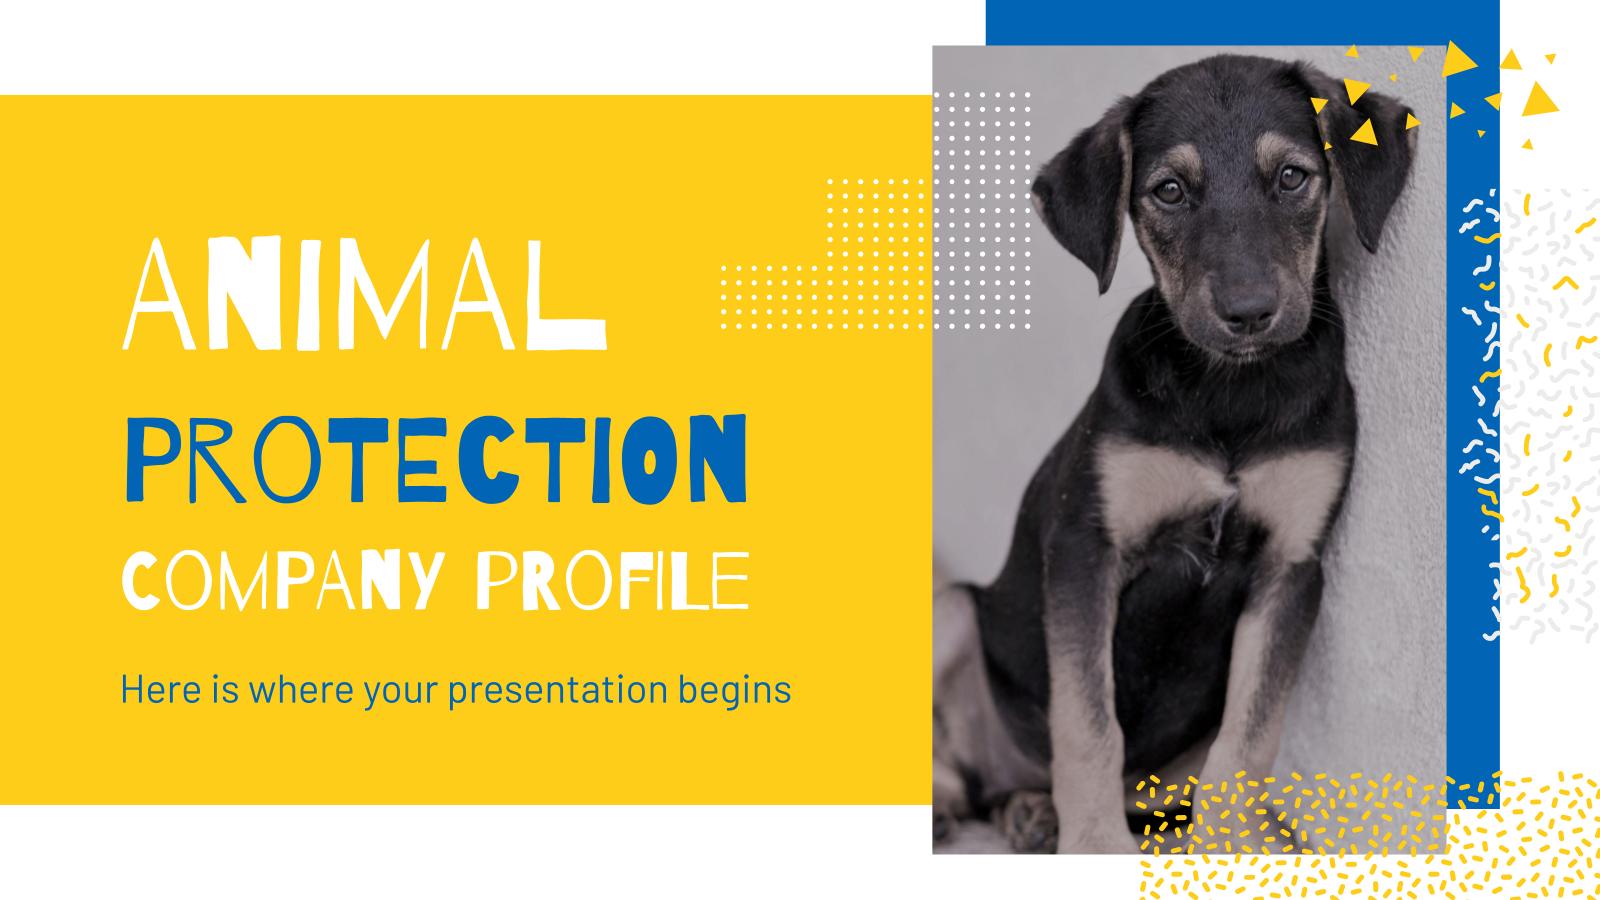 Profil de société protectrice des animaux : Modèles de présentation